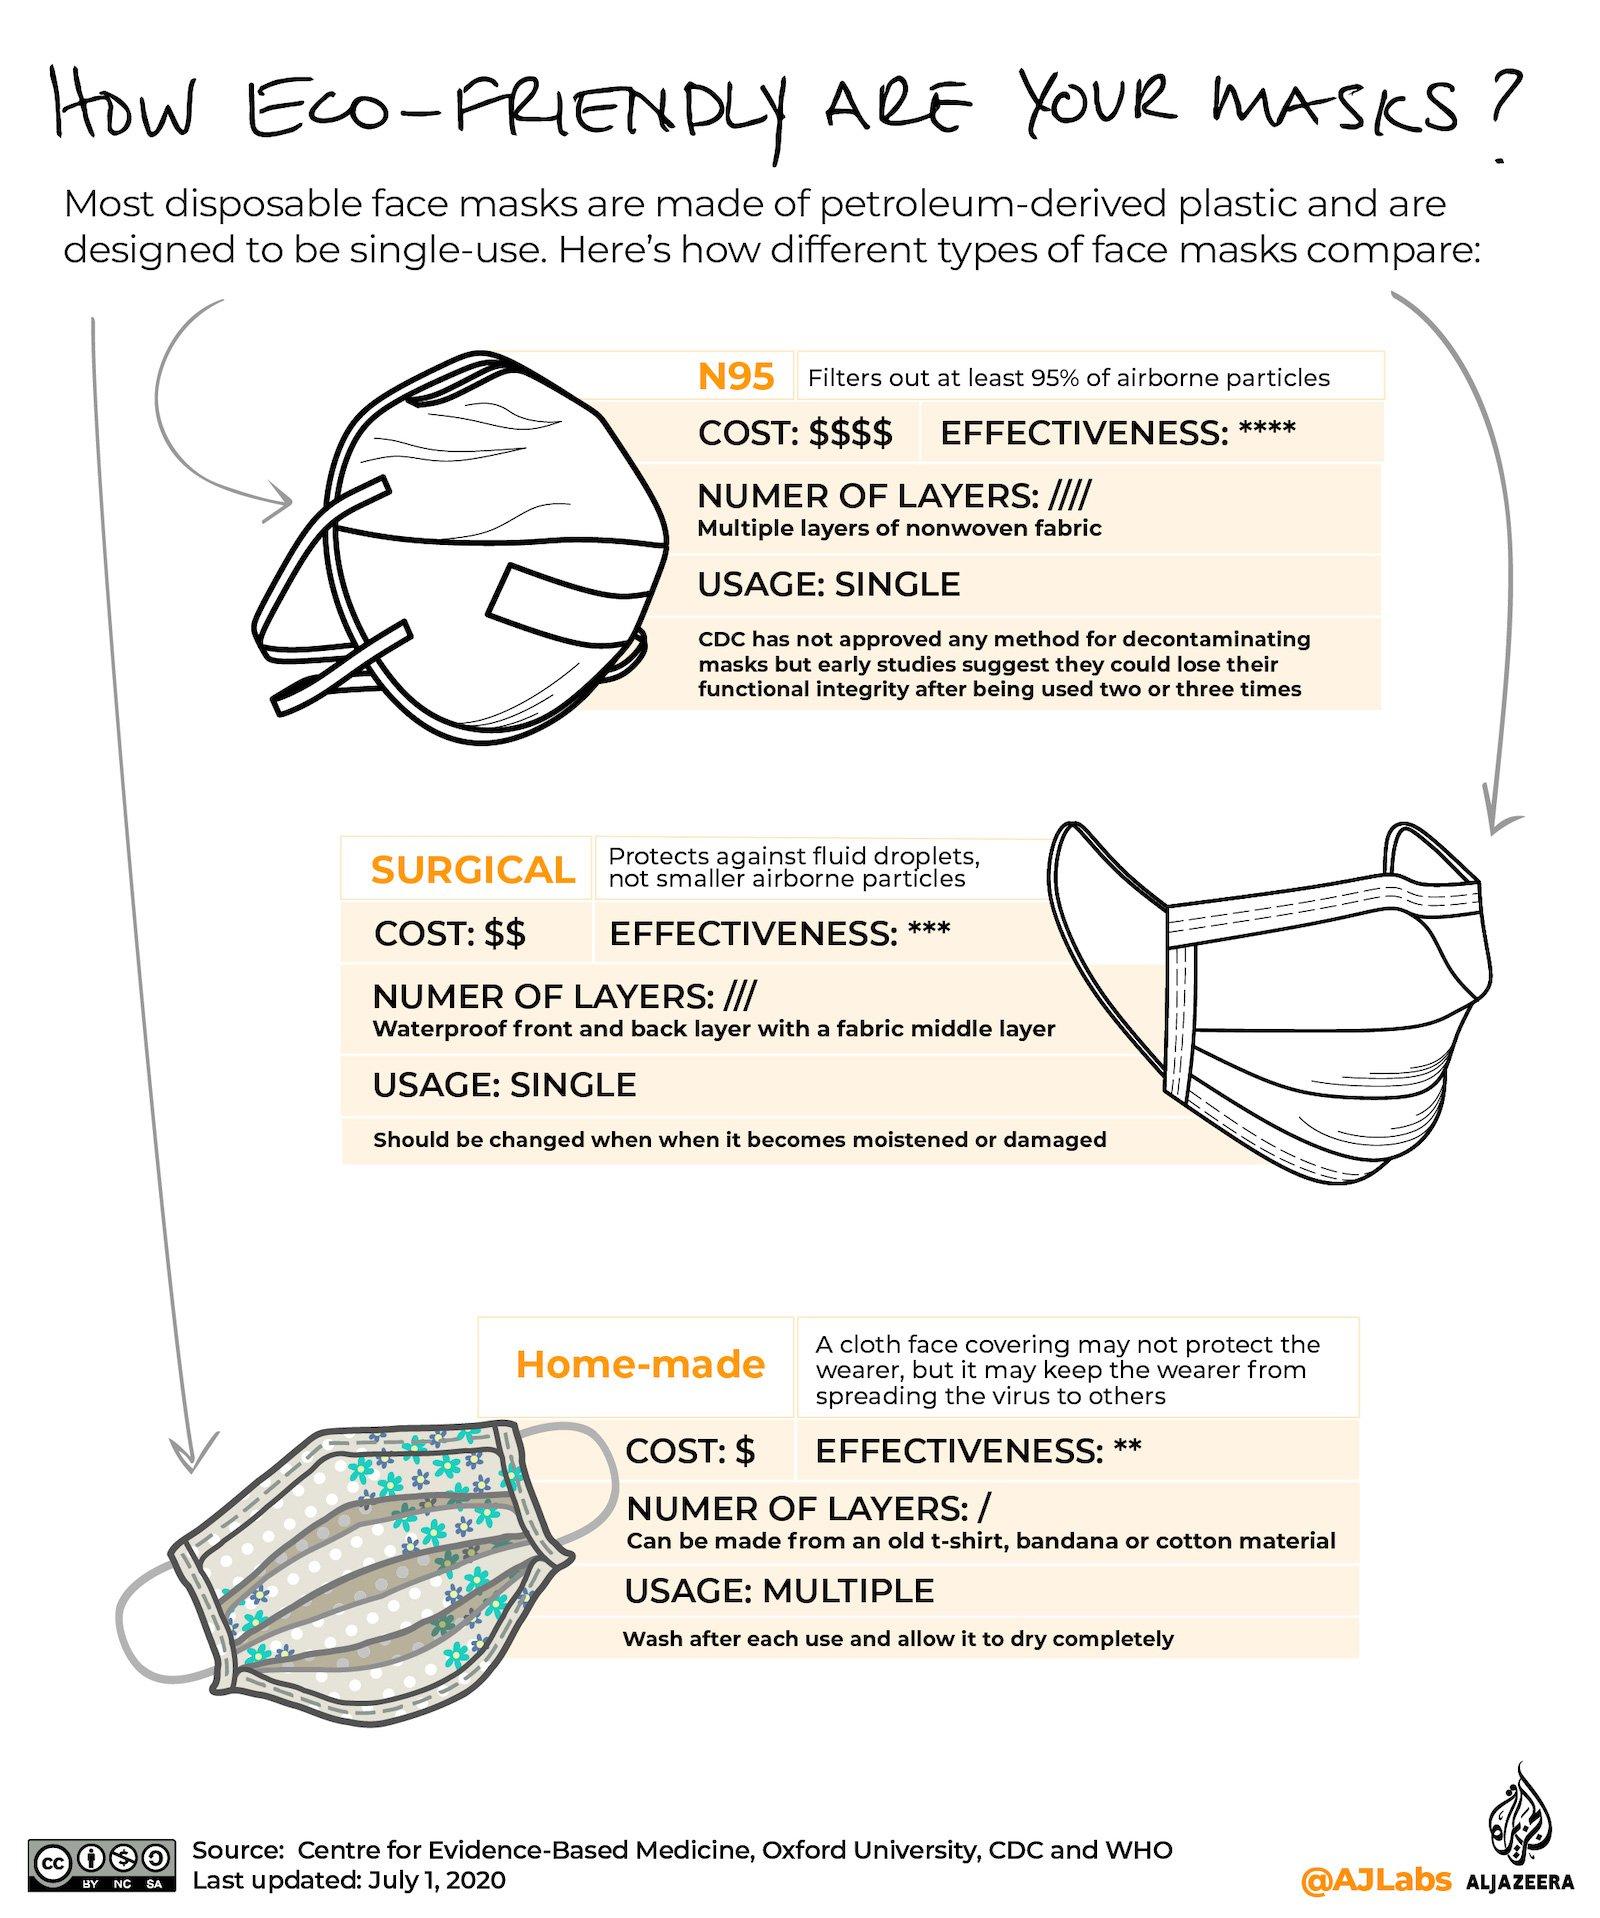 Саморобні маски теж відносно ефективні, як мінімум проти поширення інфекції носієм – при цьому дешевші й екологічніші; найбільш ефективні – дорогі респіратори, але то радше для лікарів, і ці респіратори теж ОДНОРАЗОВІ